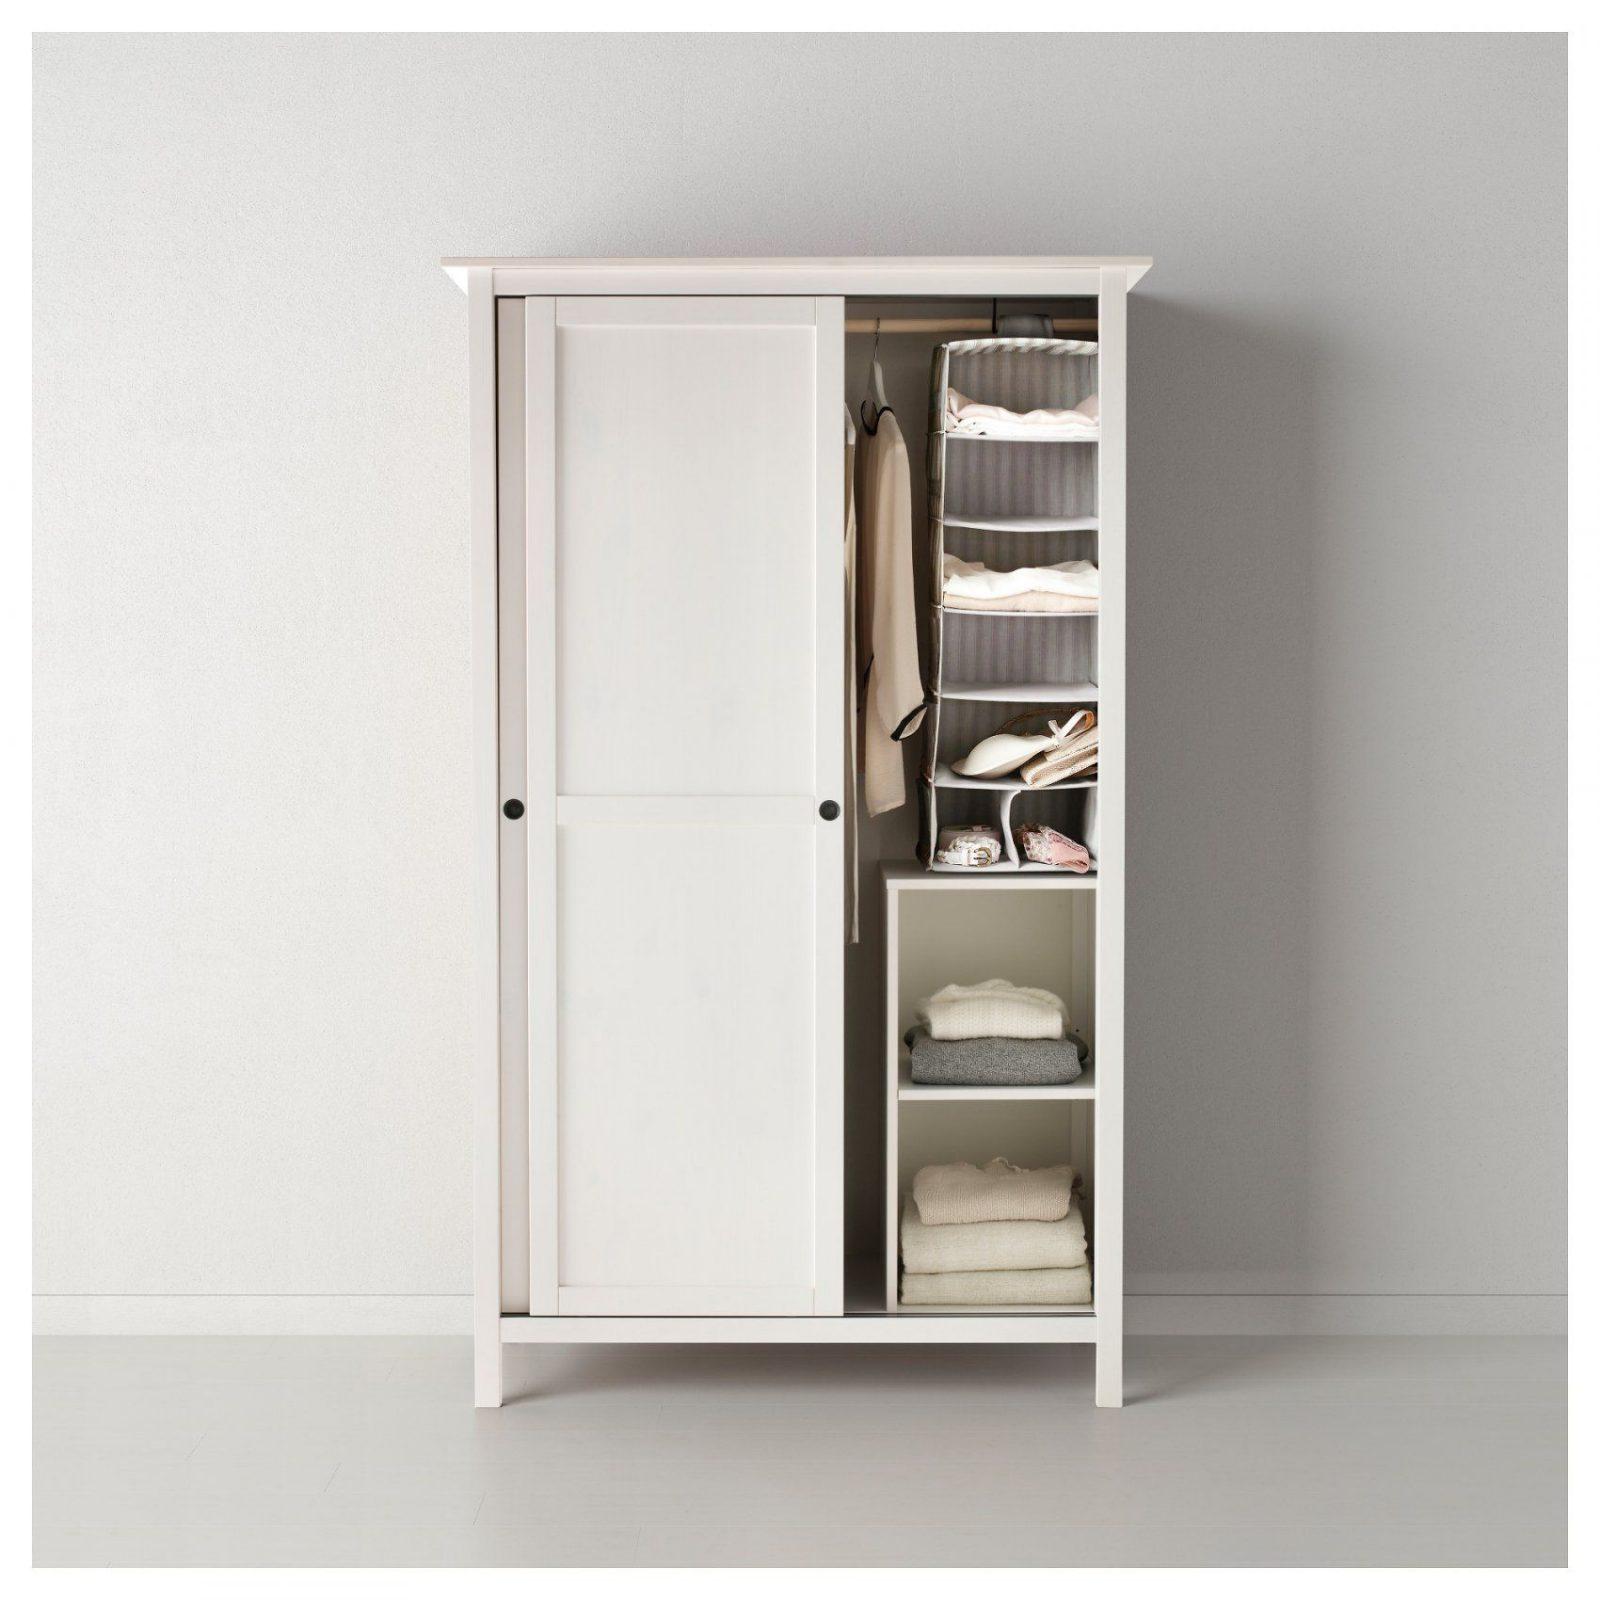 ikea küchenschrank mit schiebetüren | haus design ideen